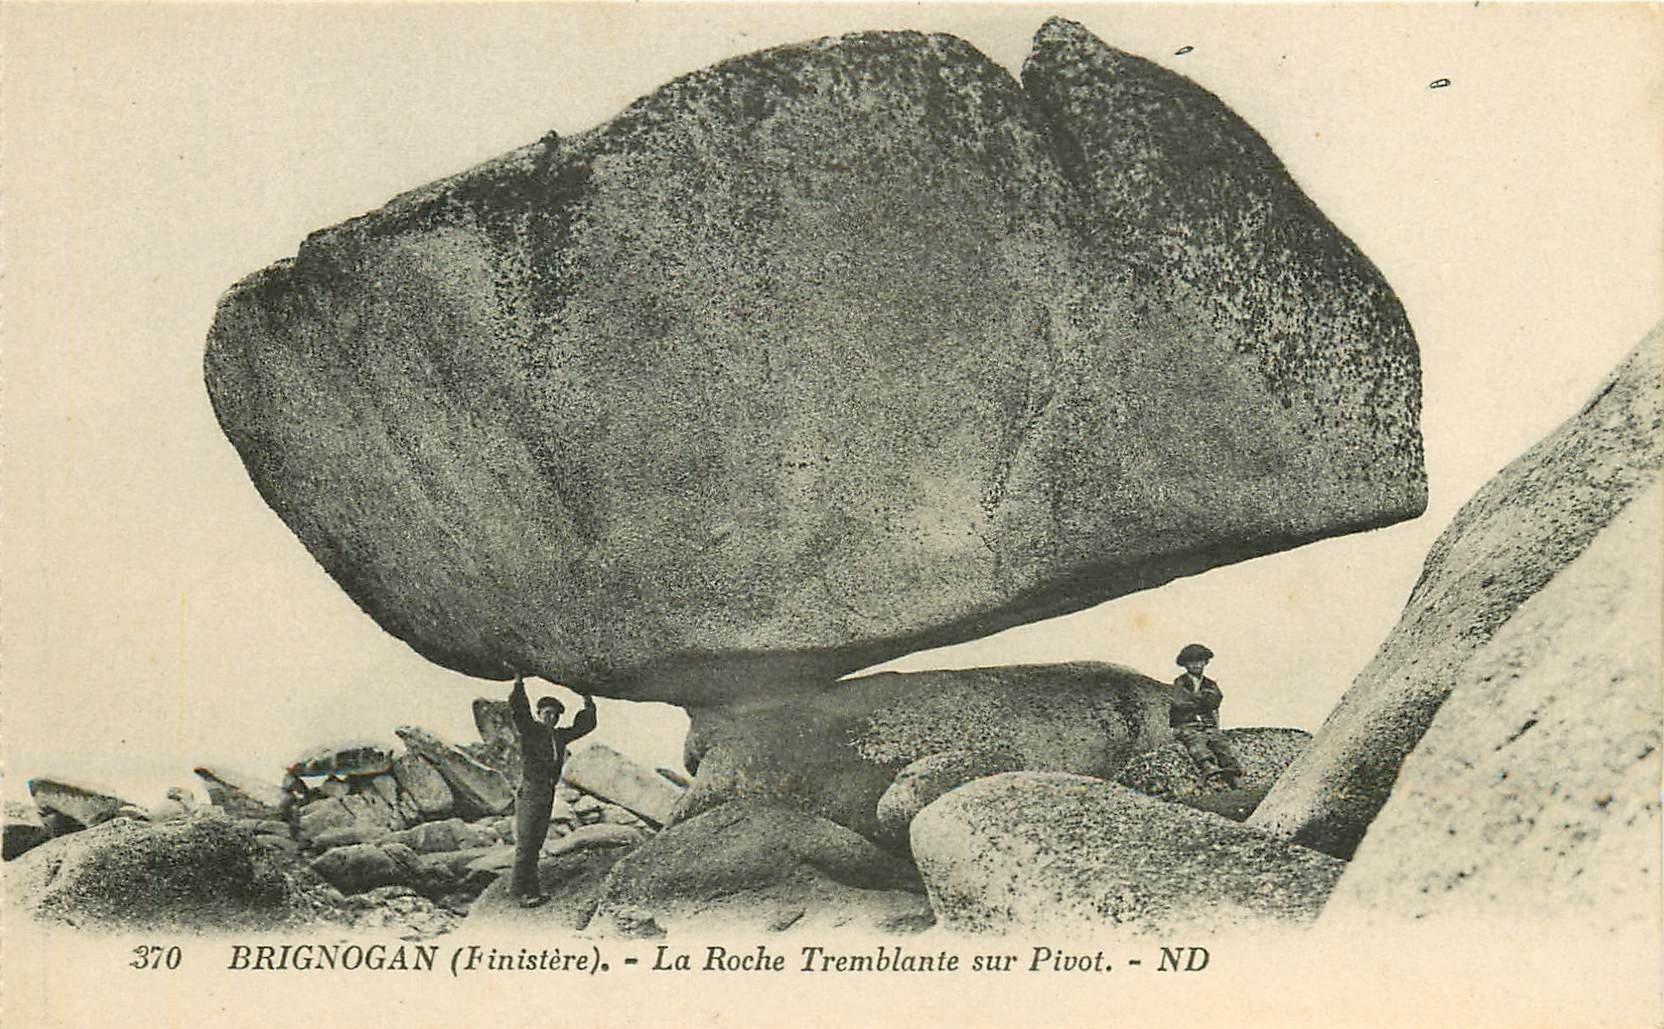 29 BRIGNOGAN. La Roche Tremblante sur Pivot. Dolmens et Menhirs